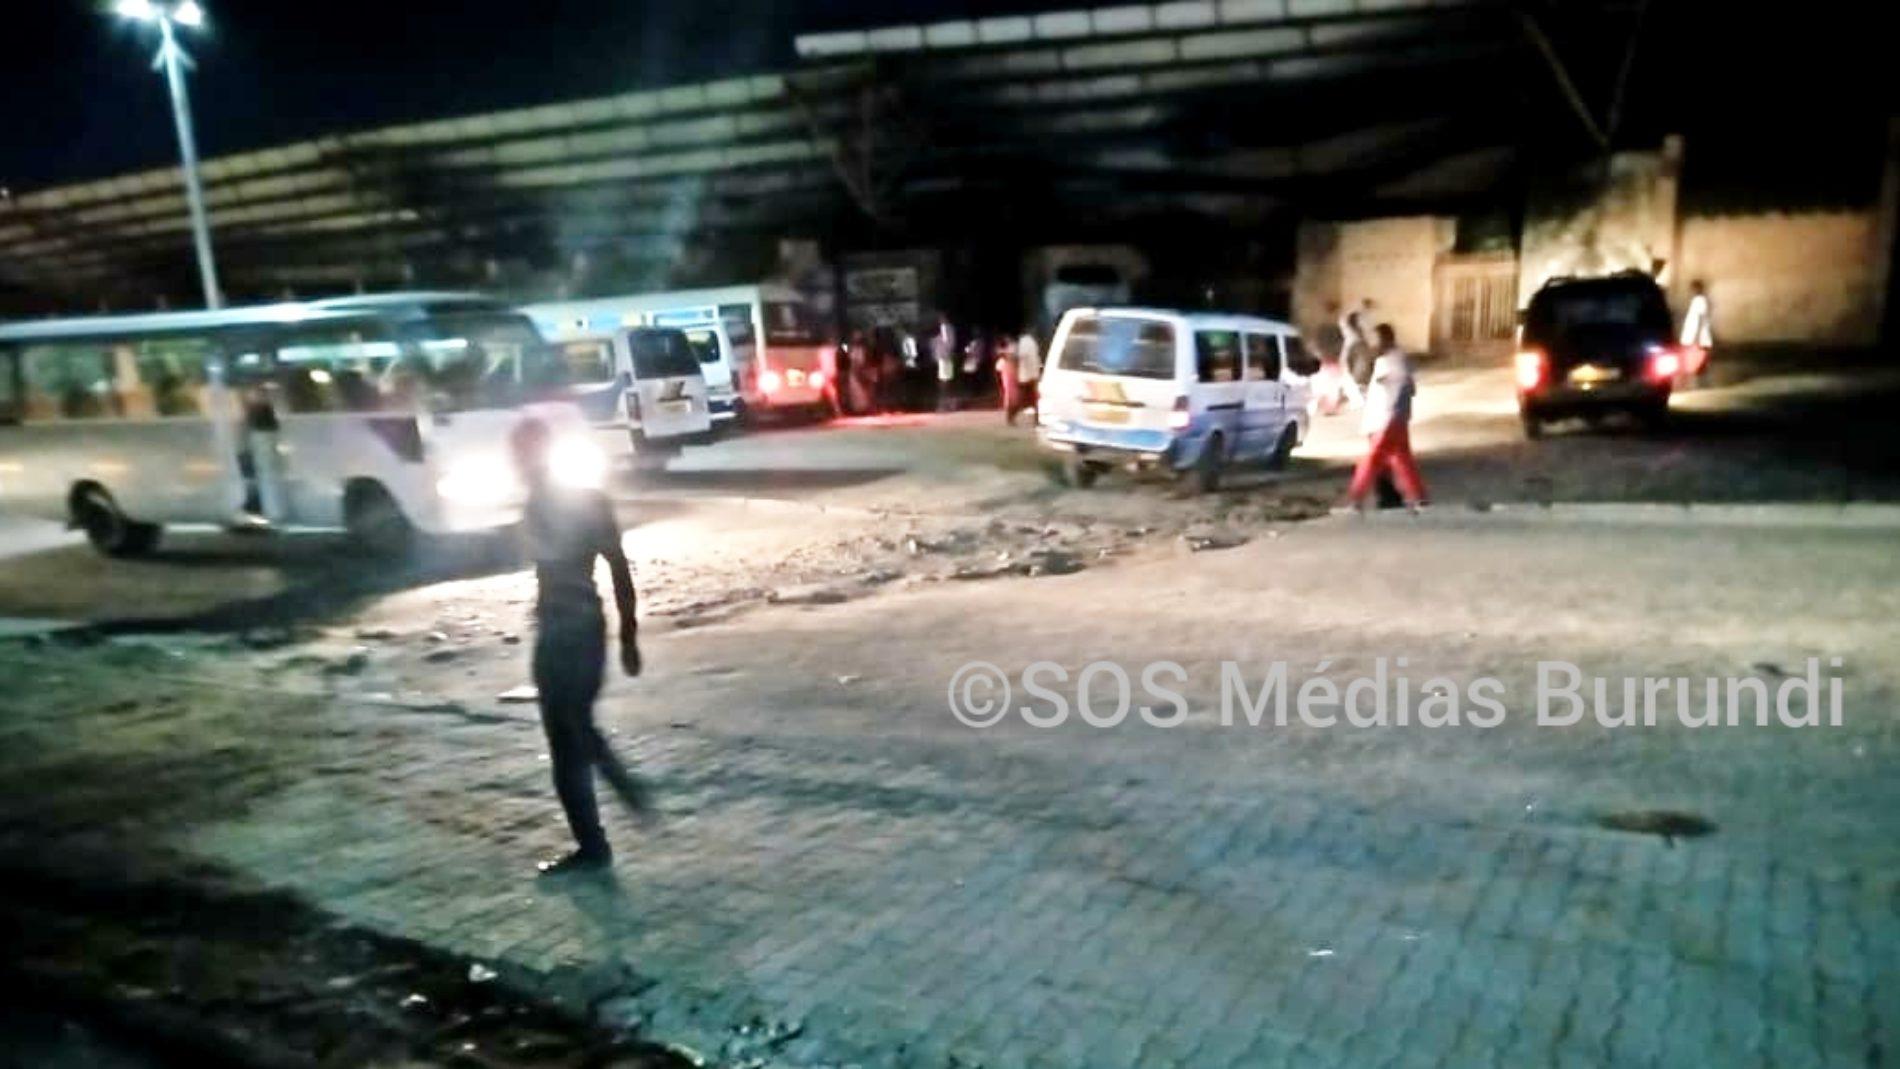 Vague d'attaques à la grenade dans Bujumbura